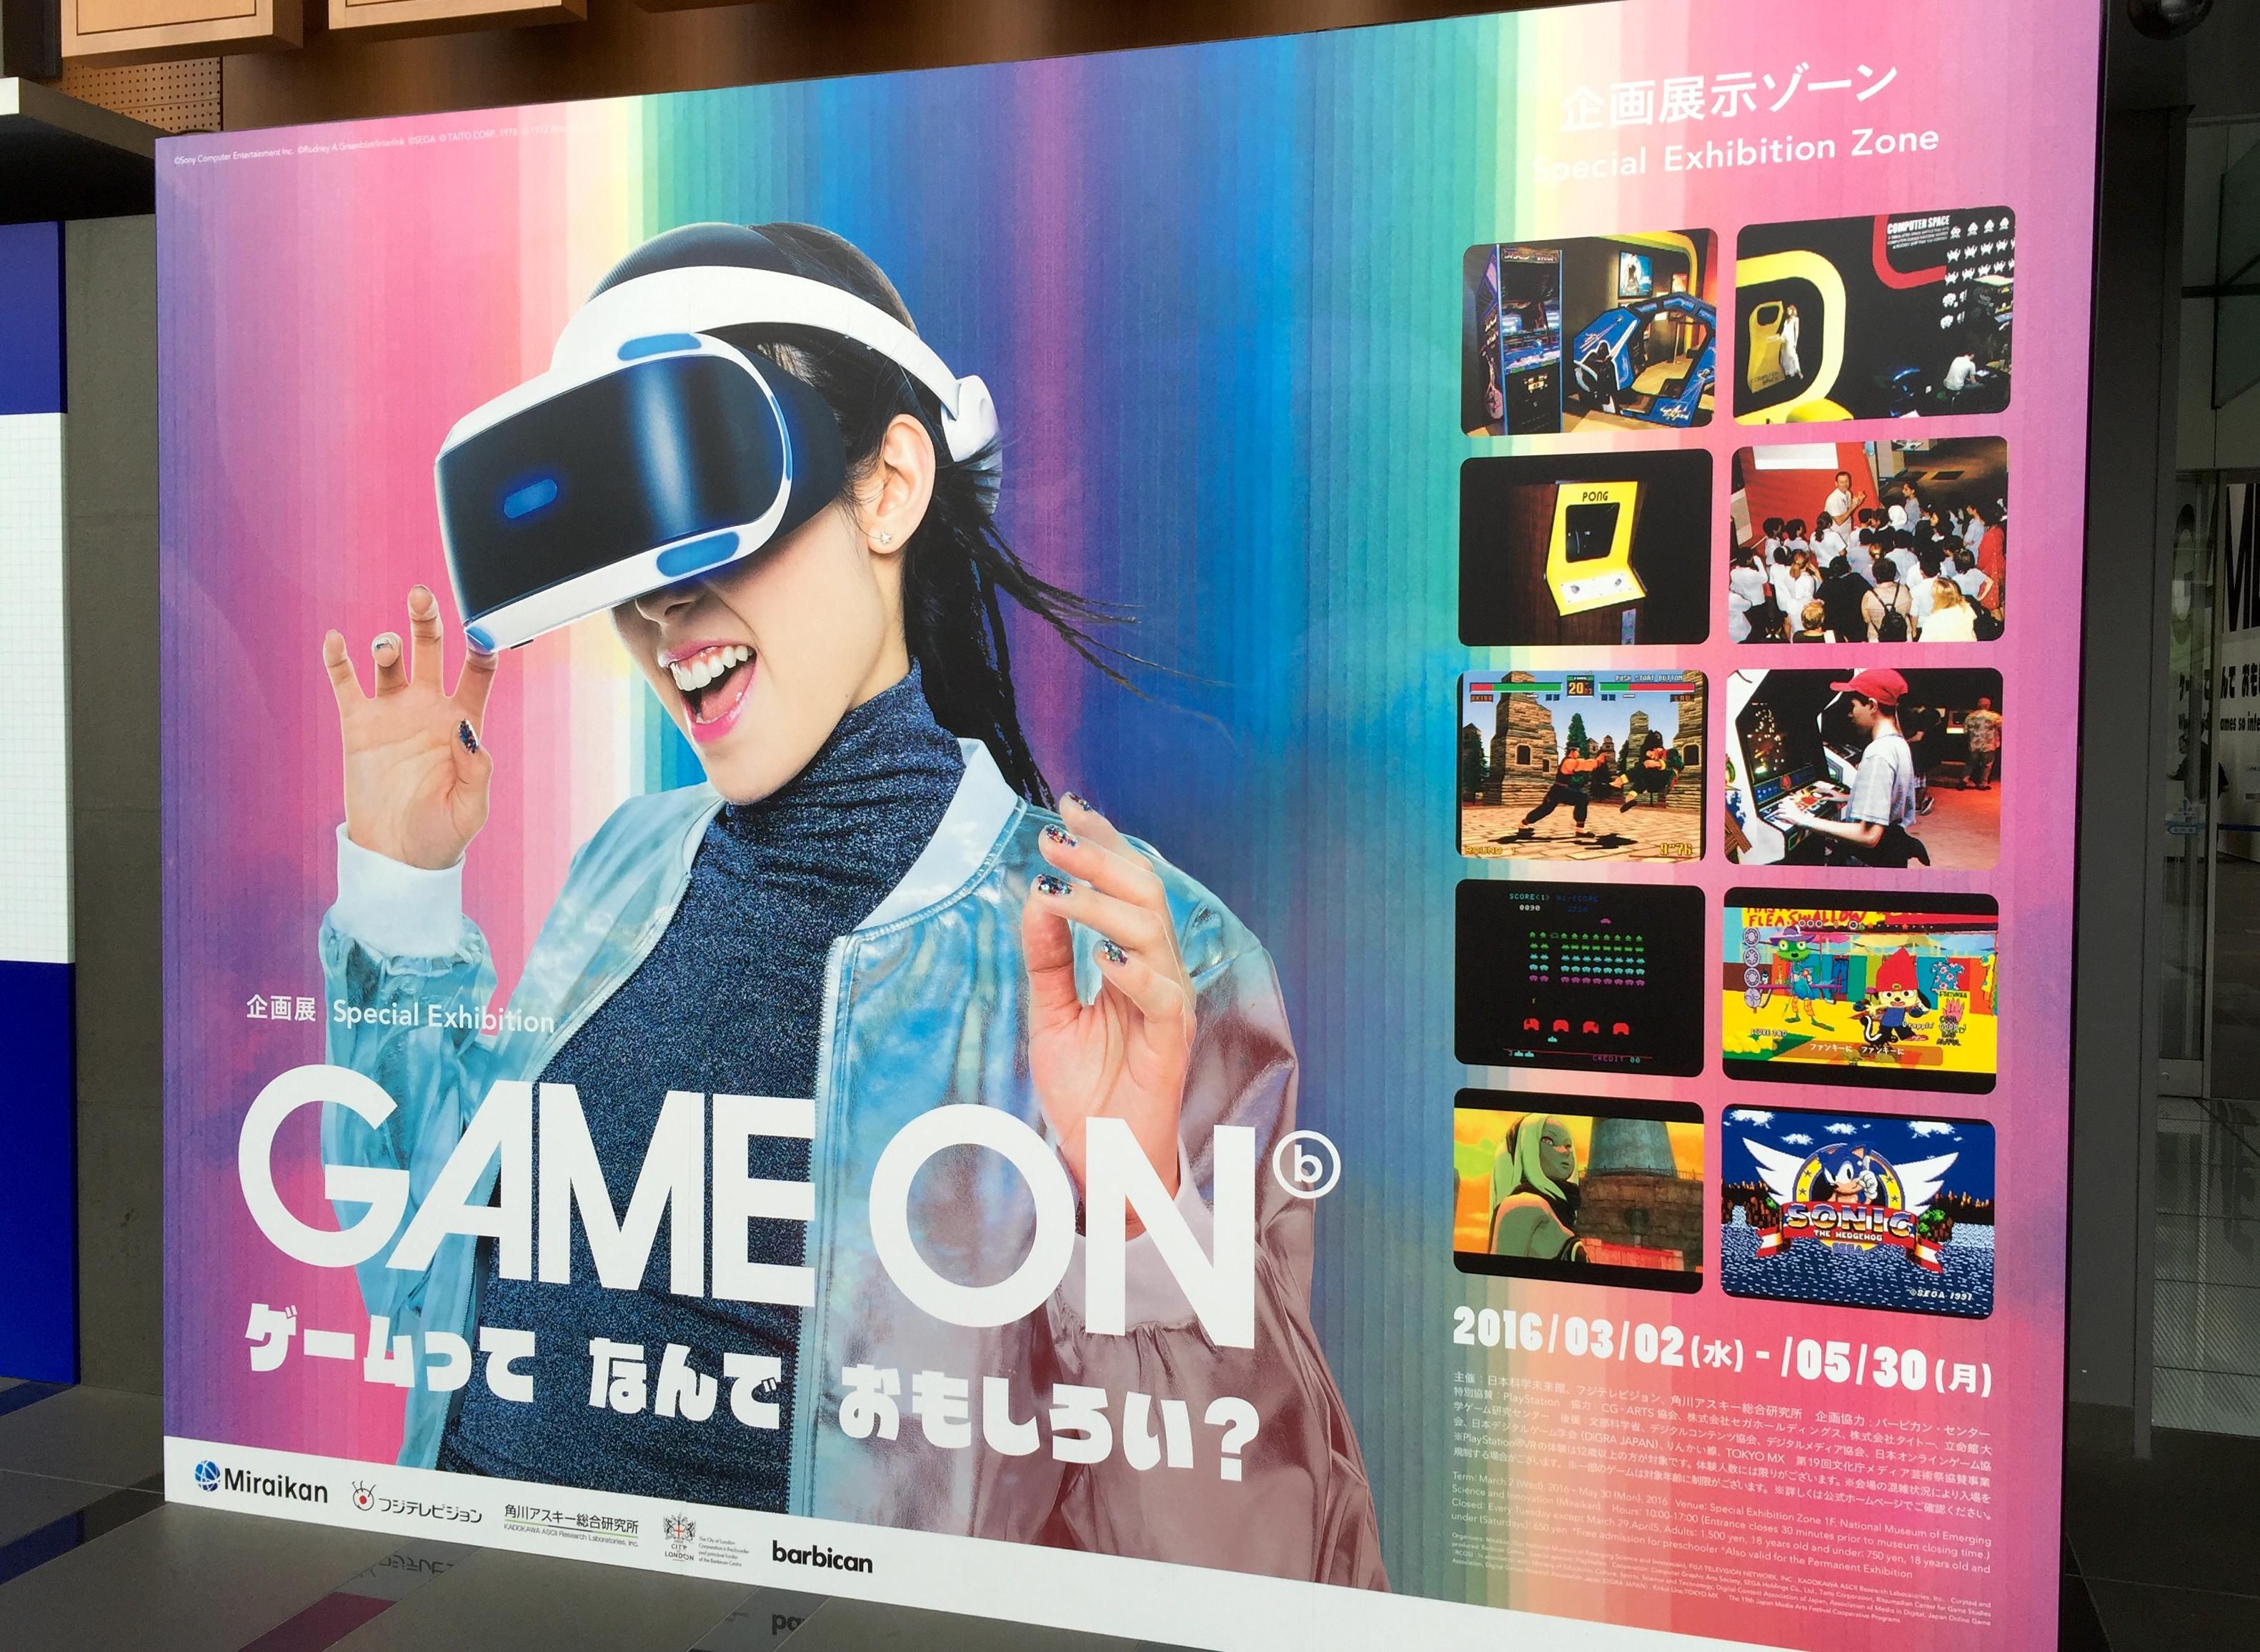 ゲームってなんでおもしろい?ゲームの歴史をたどれる企画展『GAME ON』で遊んできました